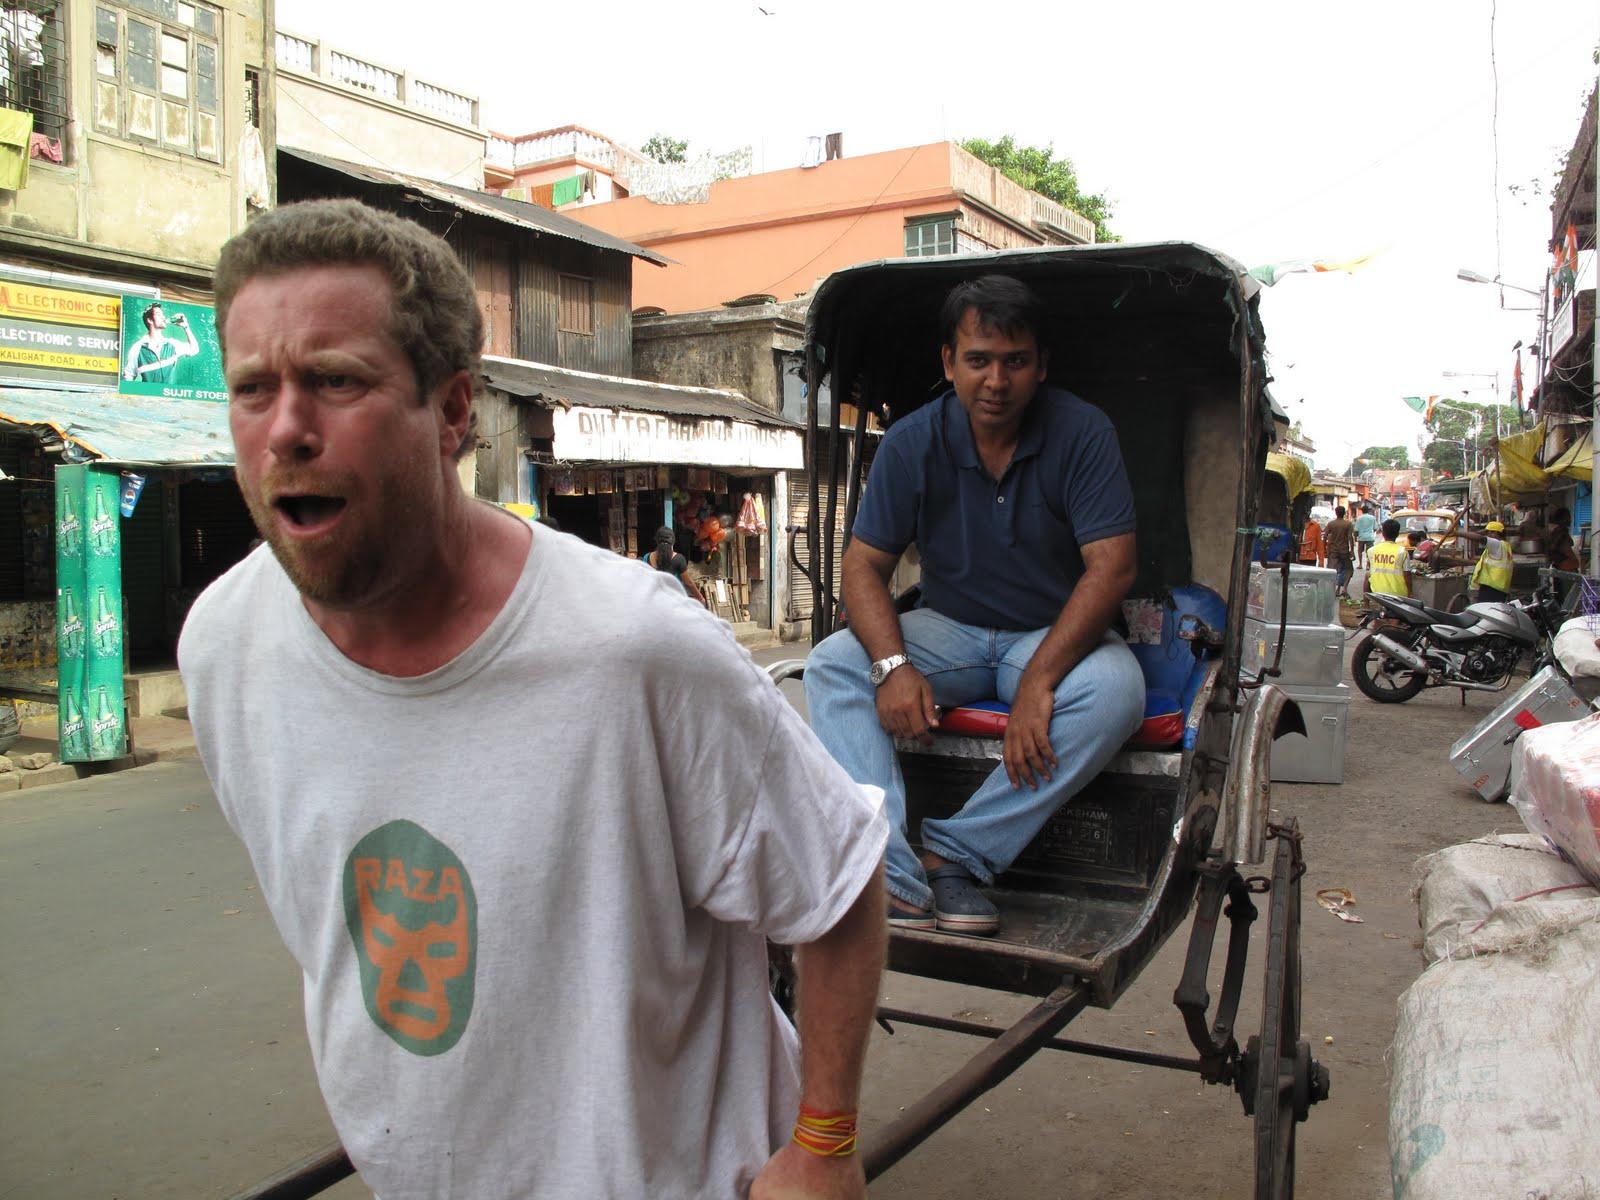 http://3.bp.blogspot.com/-zA-hBa4OTMg/Td5H93BBdYI/AAAAAAAAELM/O2O2W1YNMHk/s1600/Rickshaw.jpg